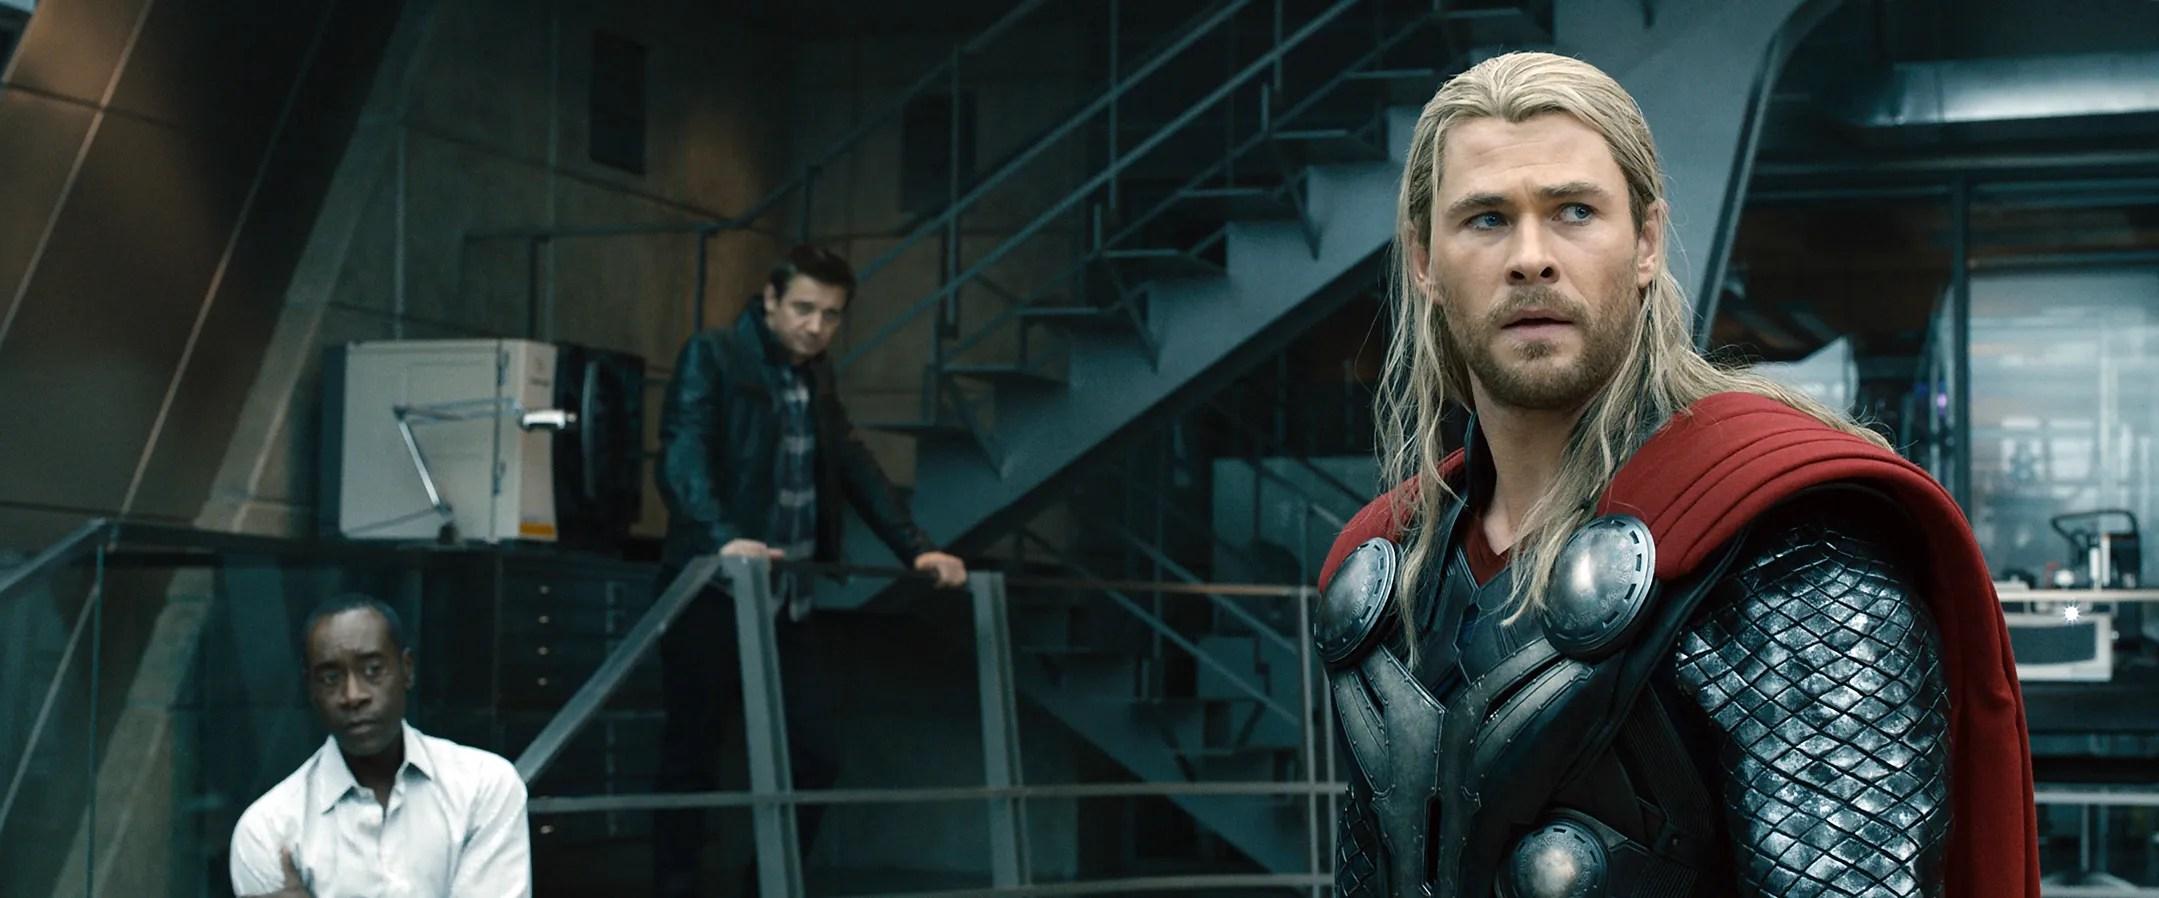 Chris Hemsworth Thor Endgame Amnet